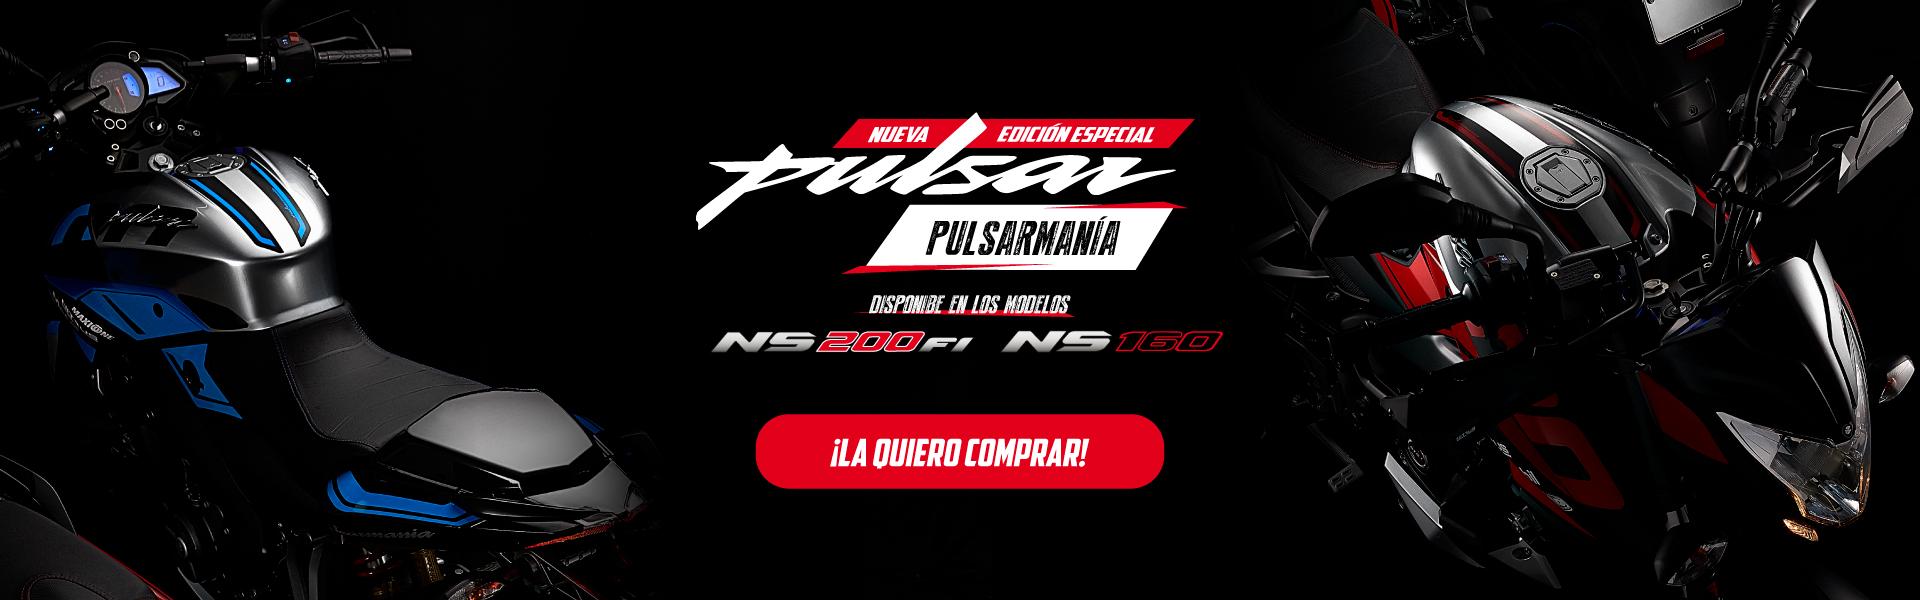 Pulsarmania_edicion